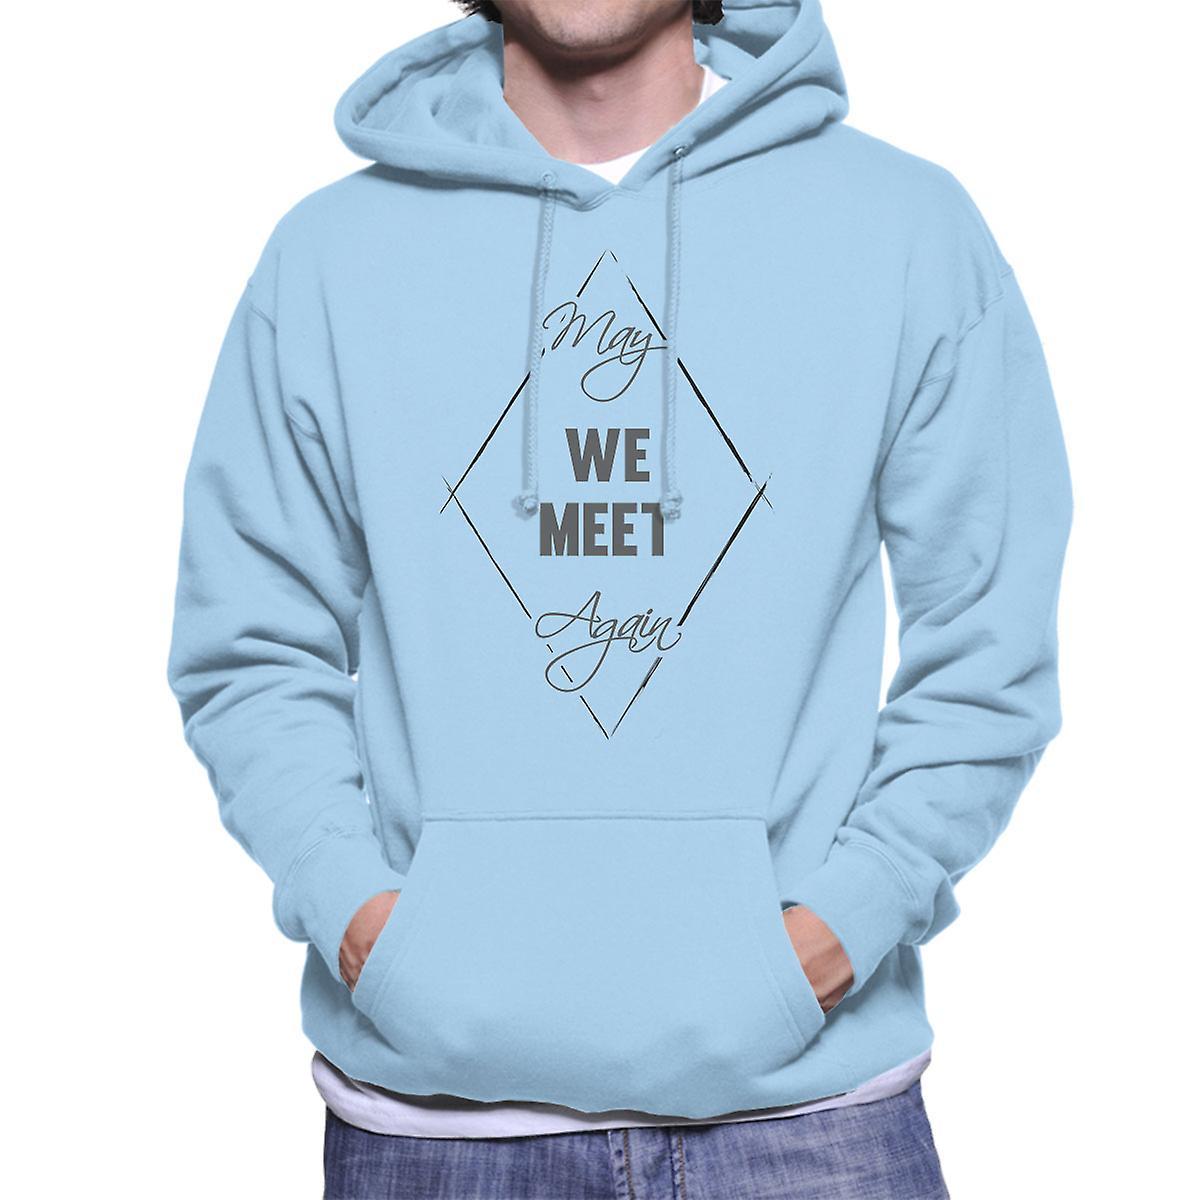 men may meet but